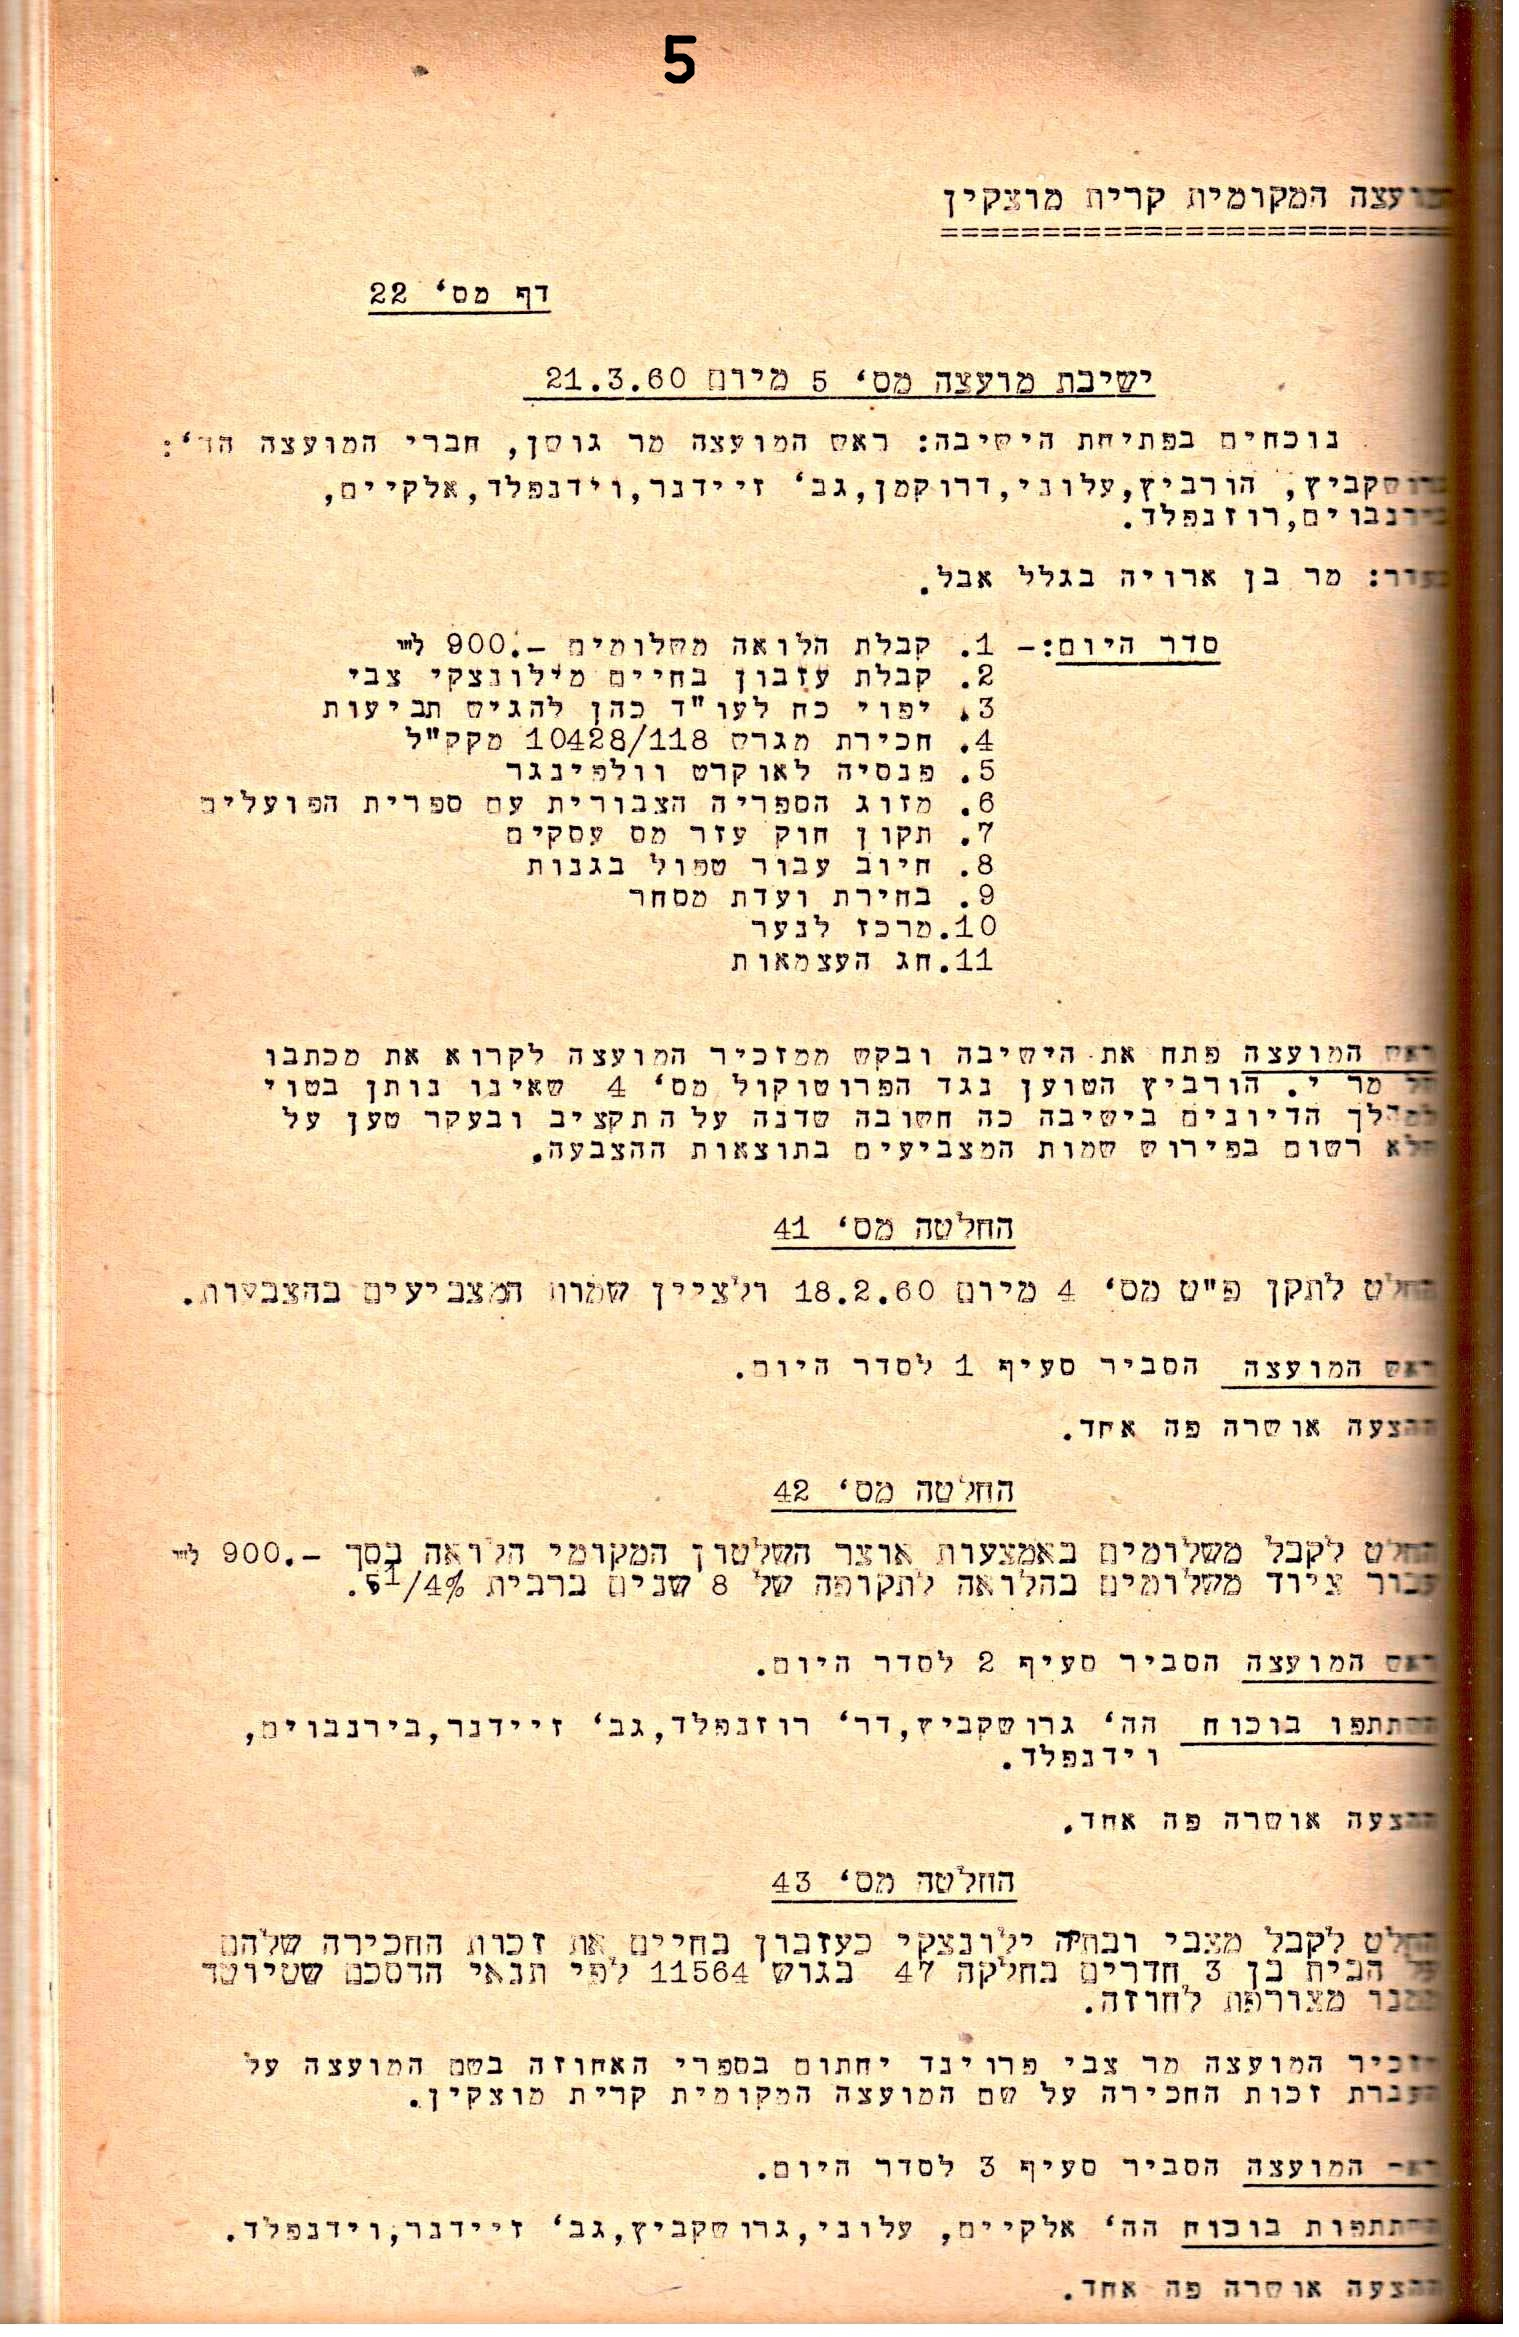 פרוטוקולים 7 – מועצה – 6.2.61 – 15.12.52 by riki deri - Illustrated by  מוזיאון בית גרושקביץ / כרך 7 - Ourboox.com